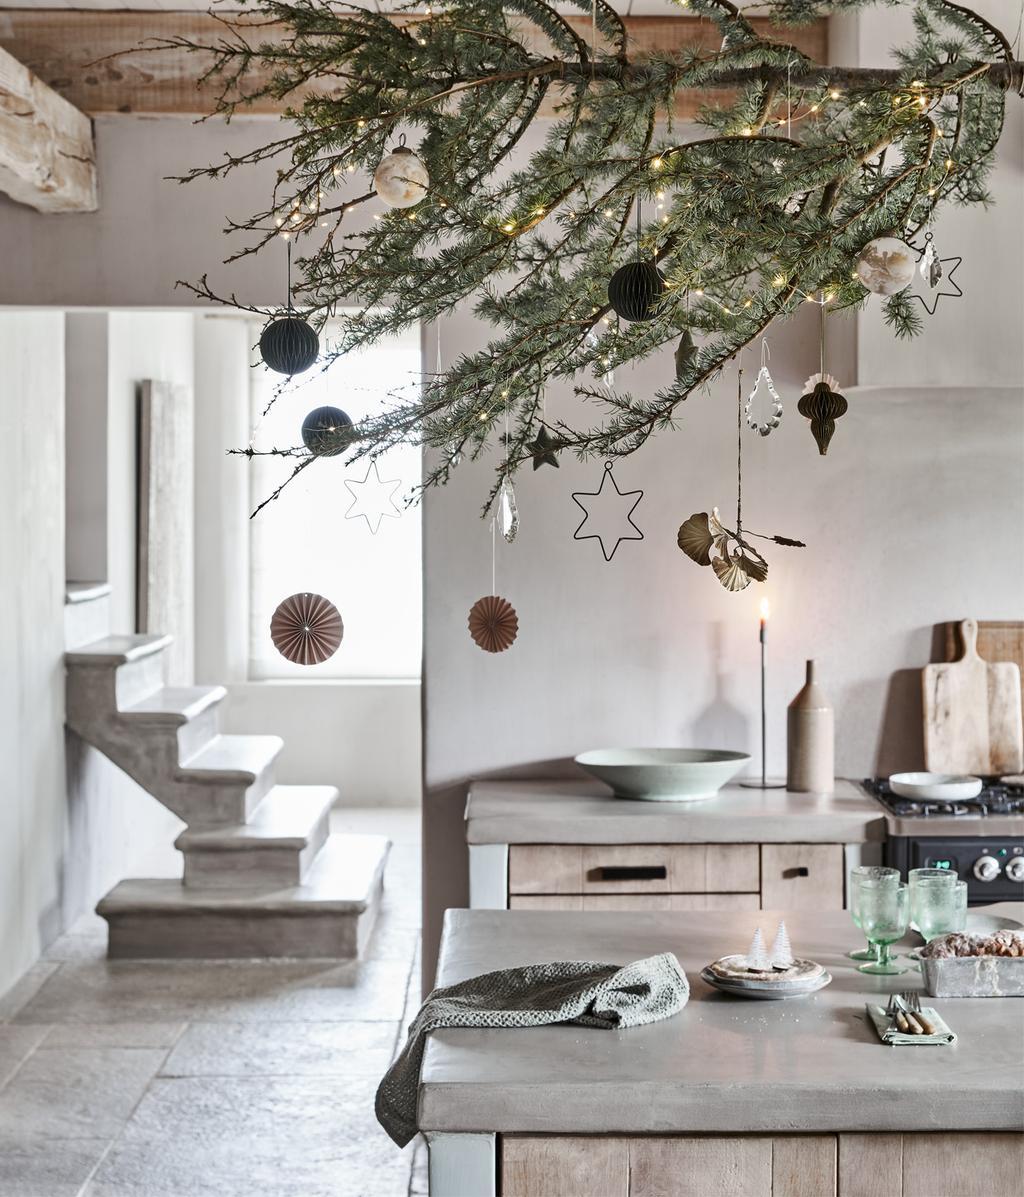 Speels kersthuis | keuken |  special 12-2020